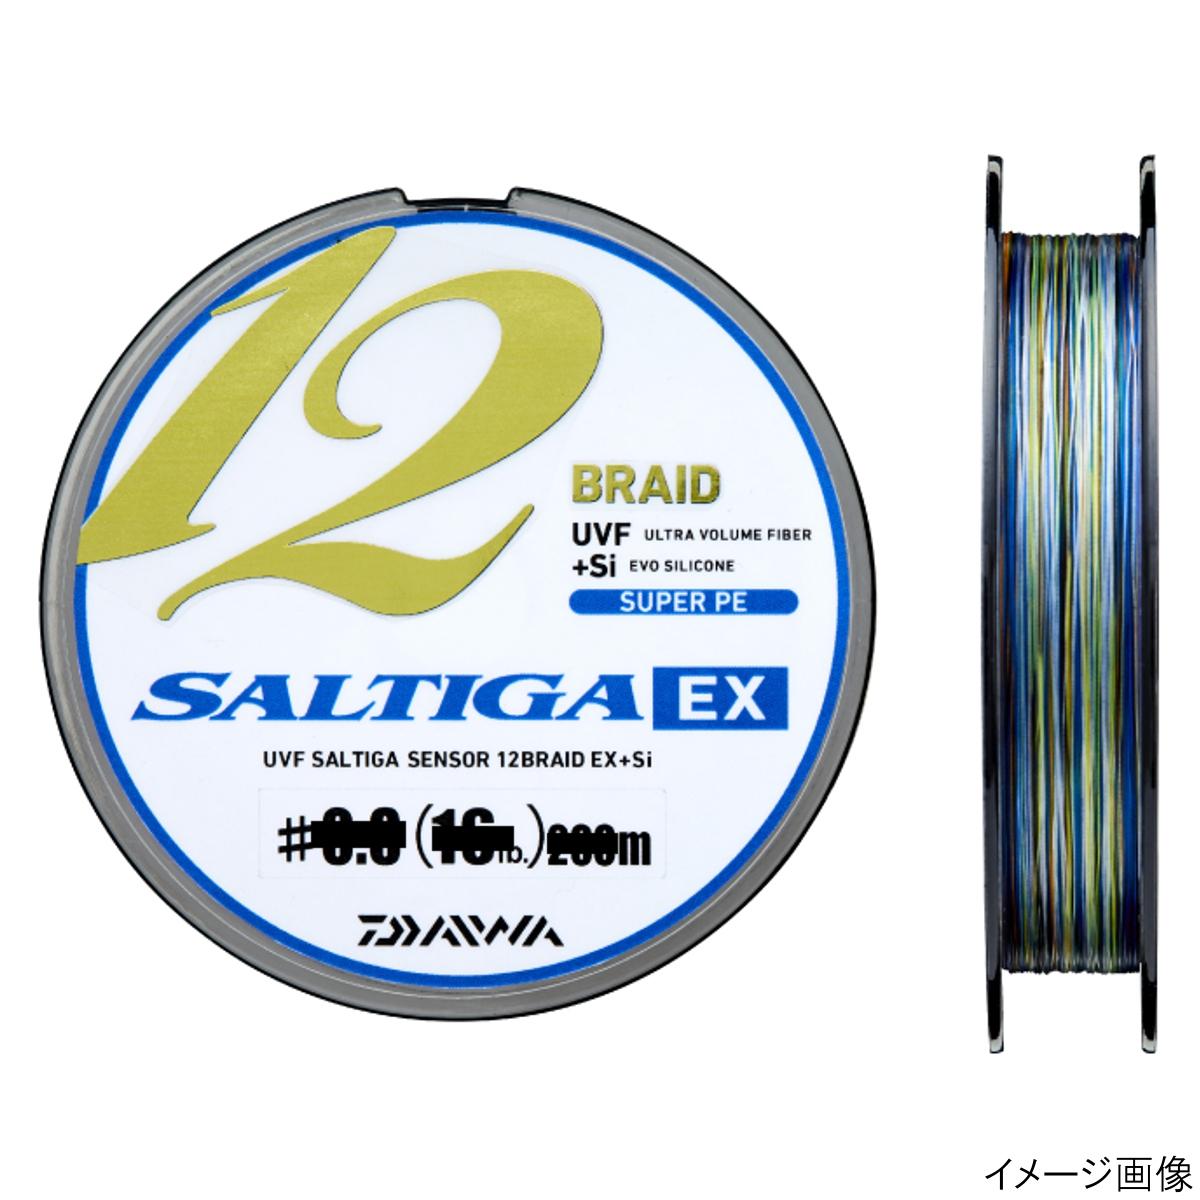 ダイワ UVF ソルティガセンサー 12ブレイドEX+Si 300m 1号(東日本店)